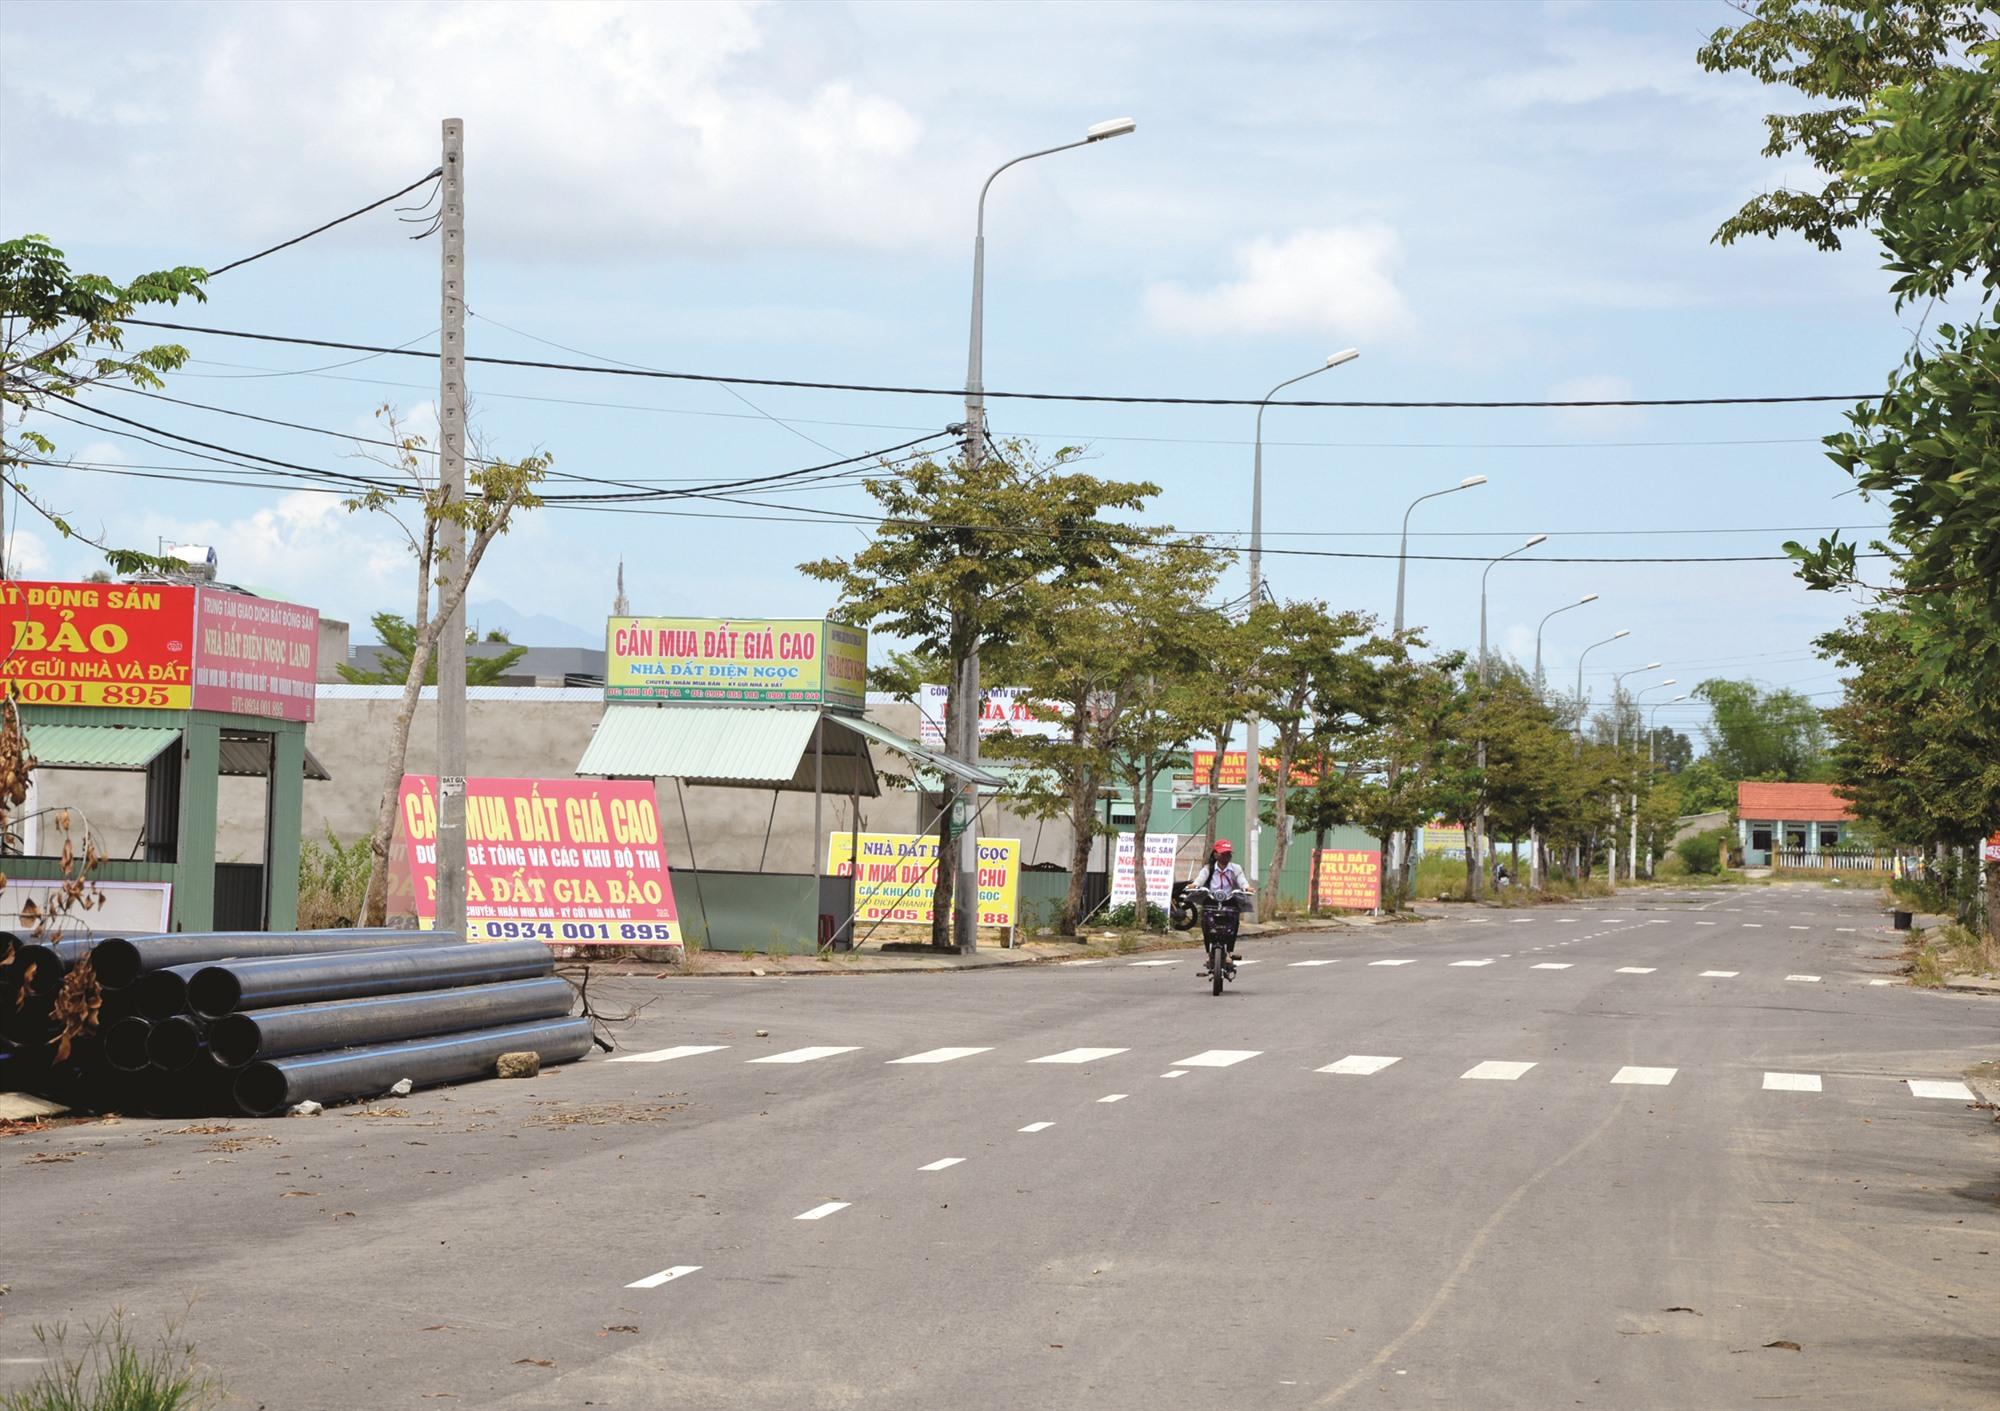 Việc phát triển ồ ạt các dự án đô thị tại Đô thị mới Điện Nam - Điện Ngọc trước đây để lại nhiều hệ lụy. Ảnh: H.P